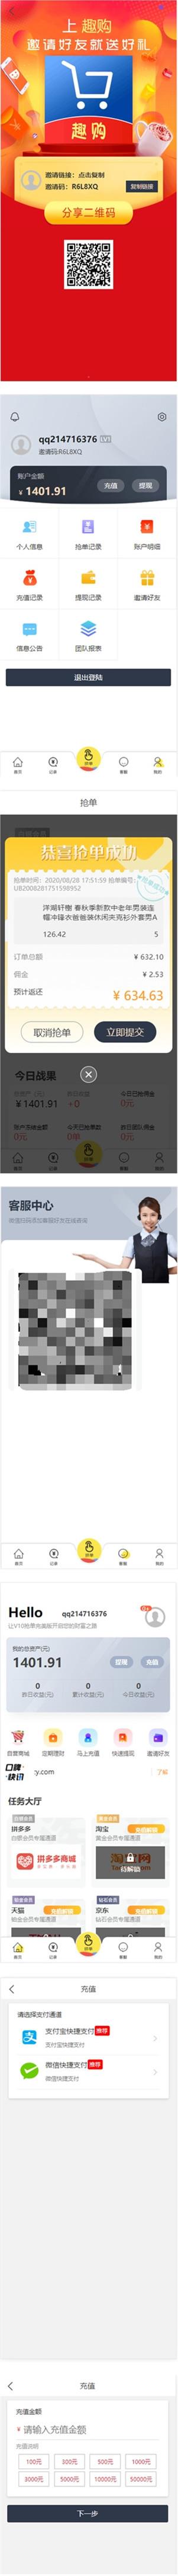 最新二开版淘宝天猫拼多多京东V10抢单系统源码+视频教程 第1张